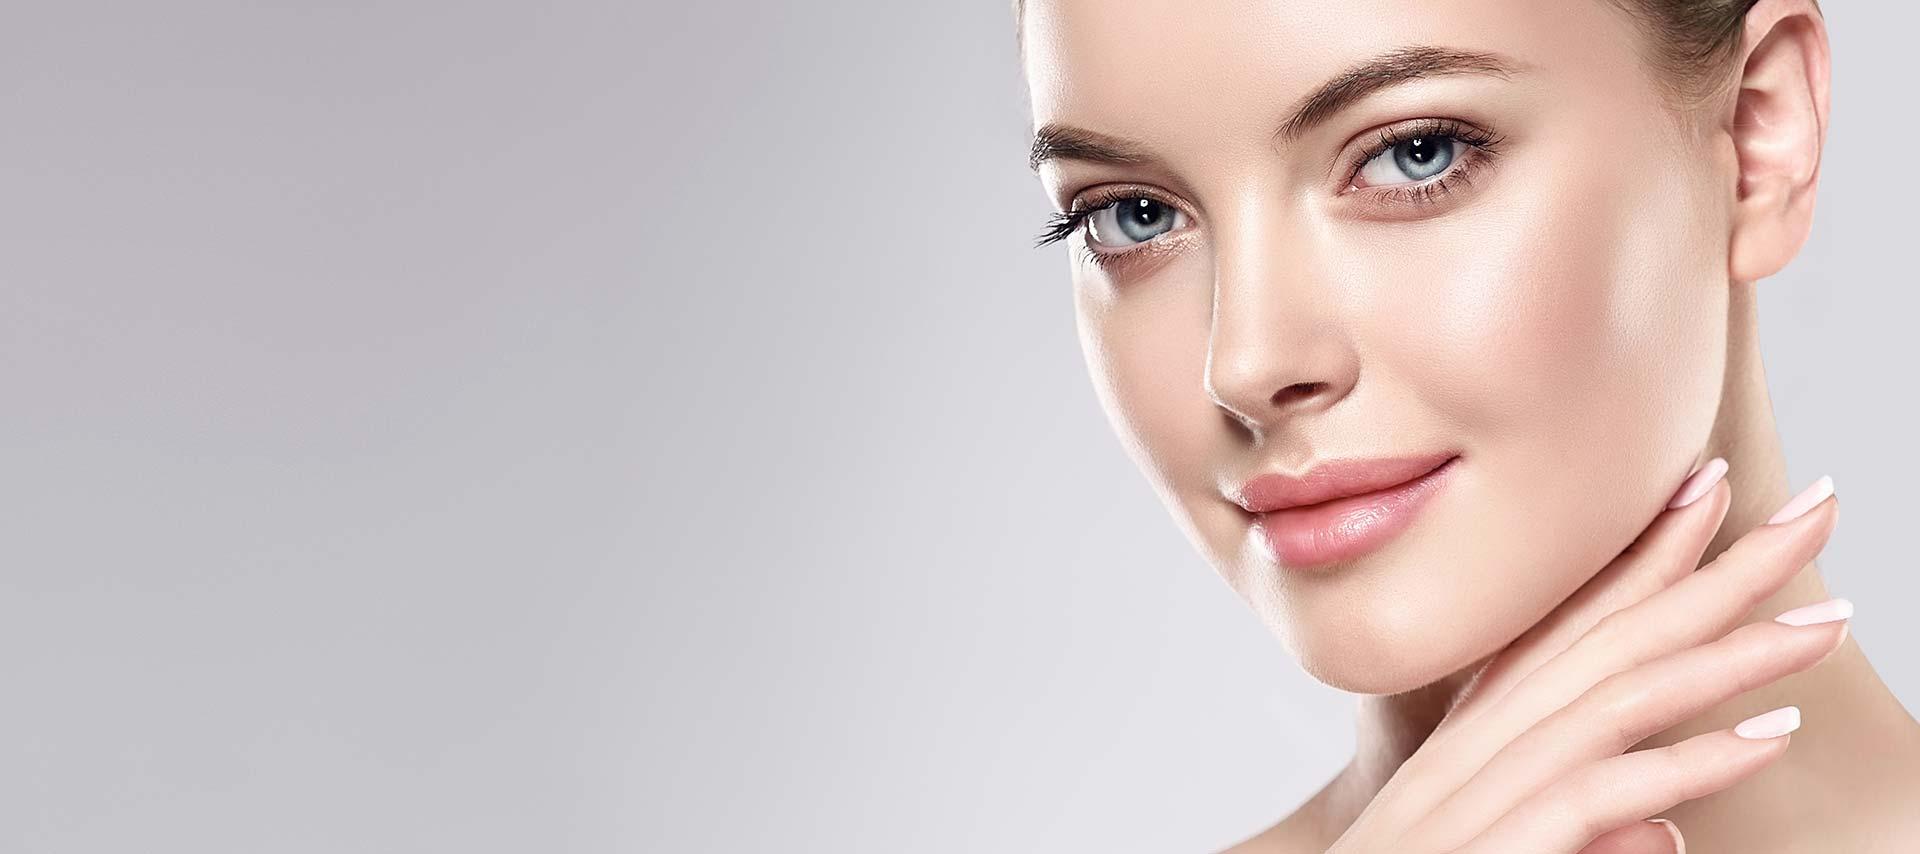 Ulepšavanje lica implantima za lice